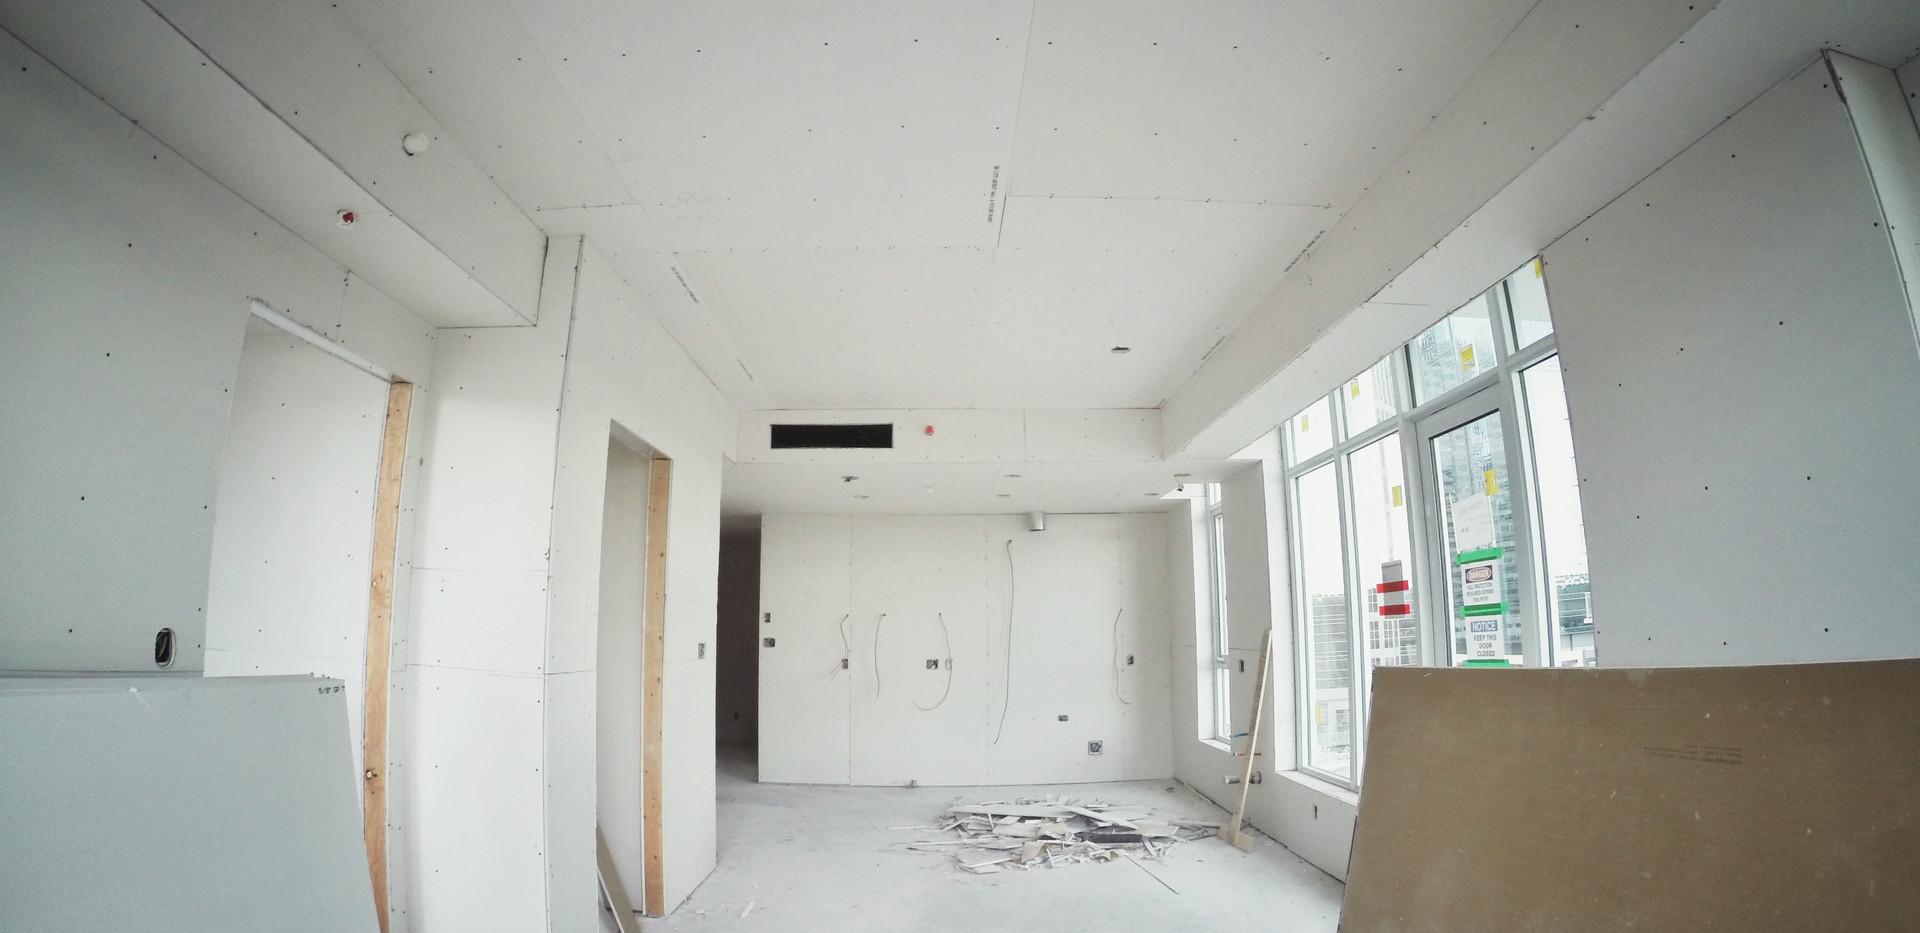 Post Drywall Installation Room